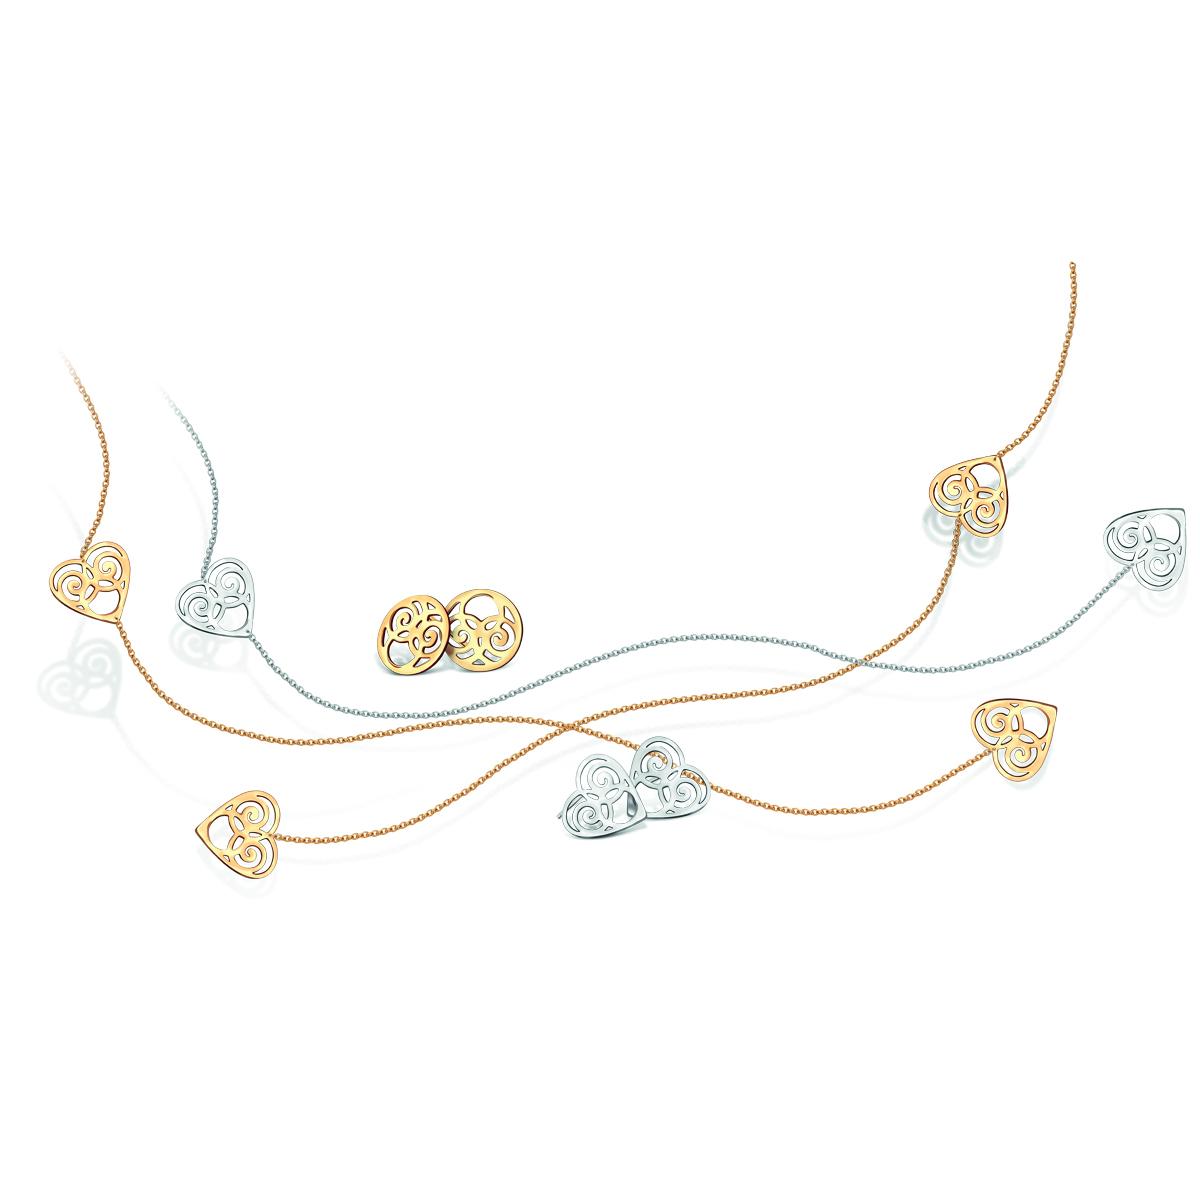 Podaruj swojej Walentynce wyjątkową biżuterię